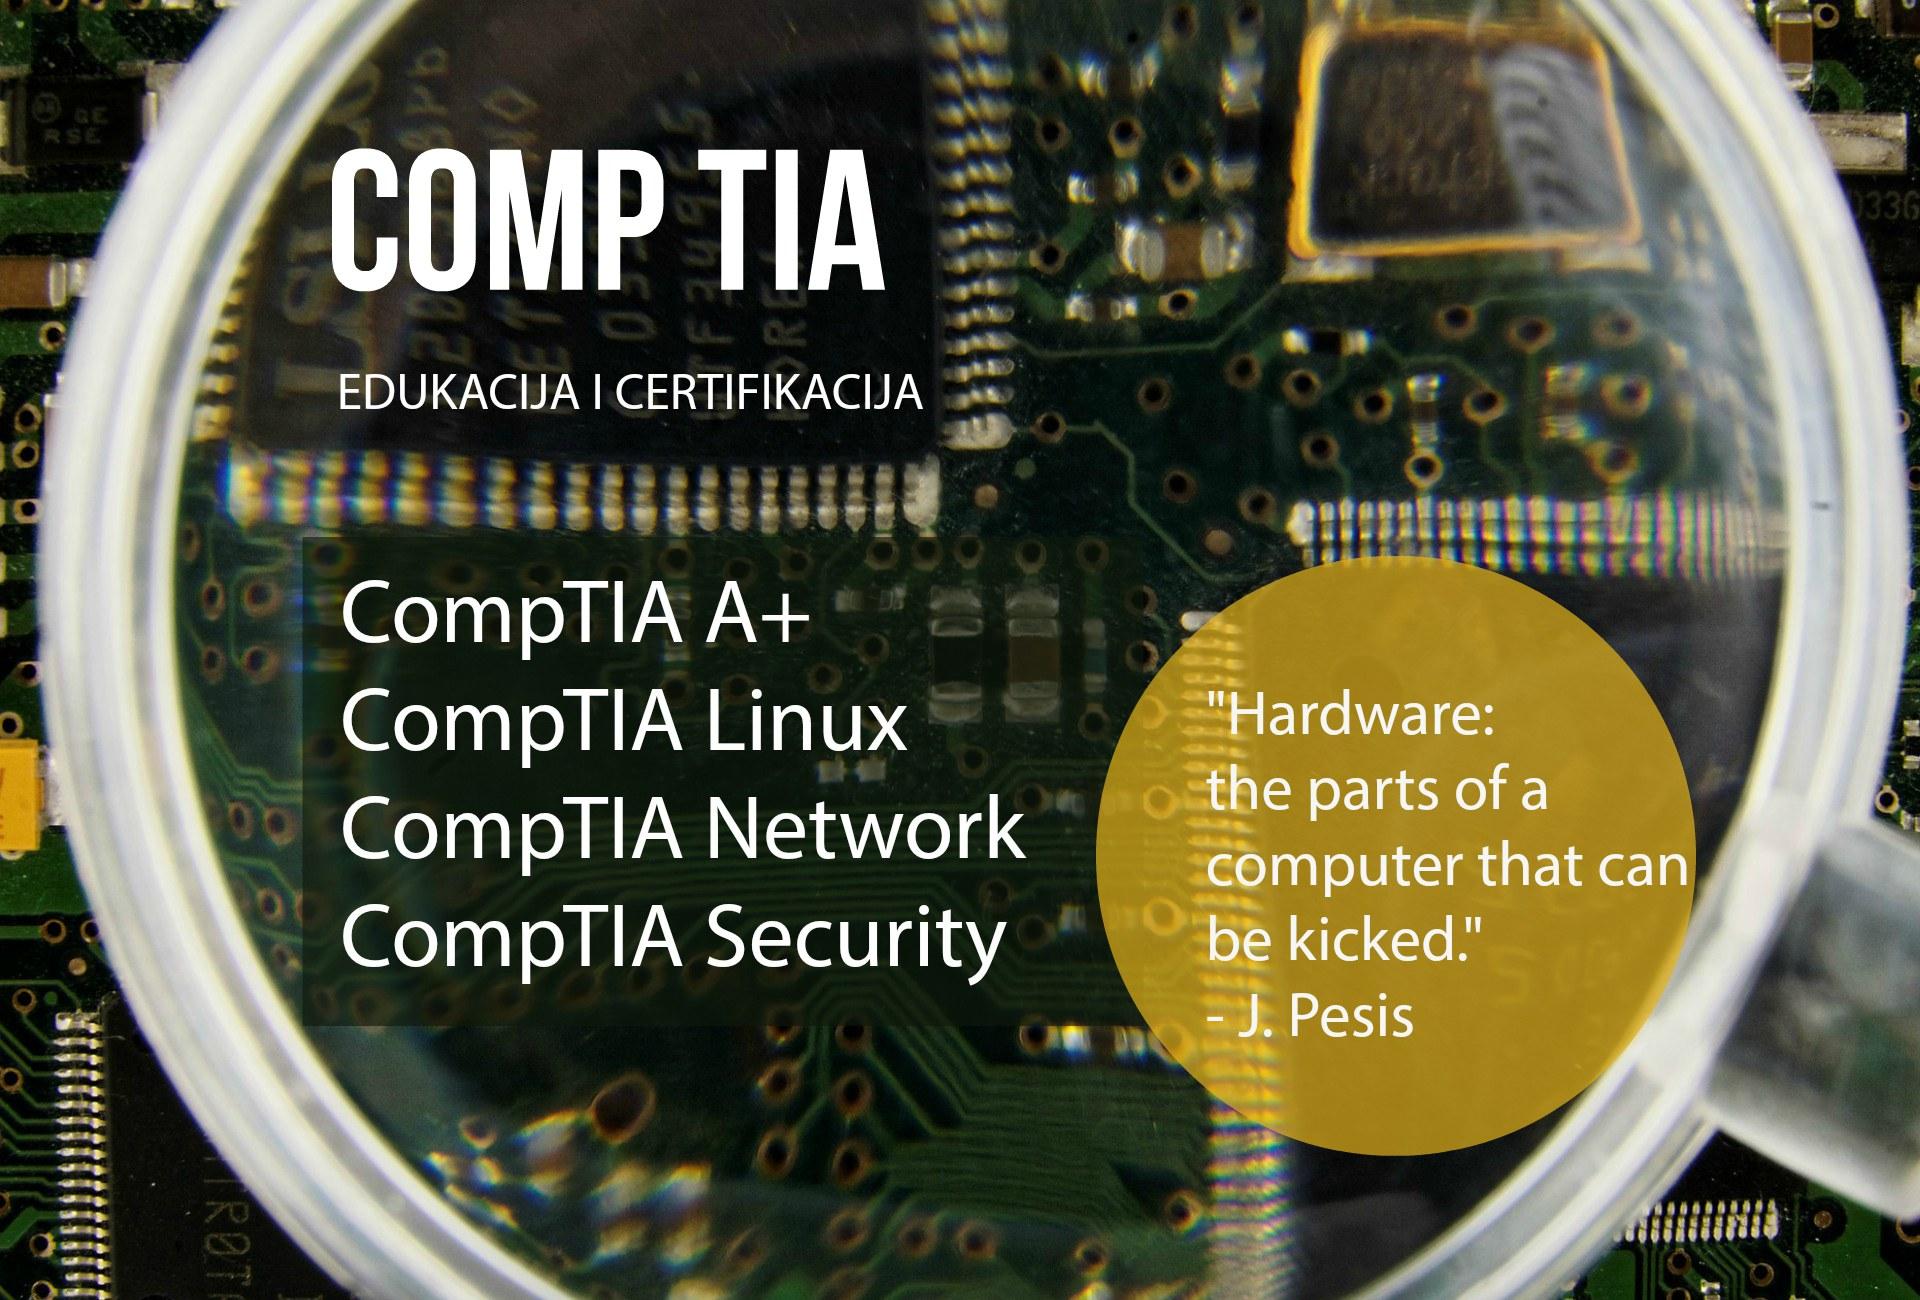 ITS Partner - Edukacija - CompTIA - Edukacija i certifikacija pojedinaca